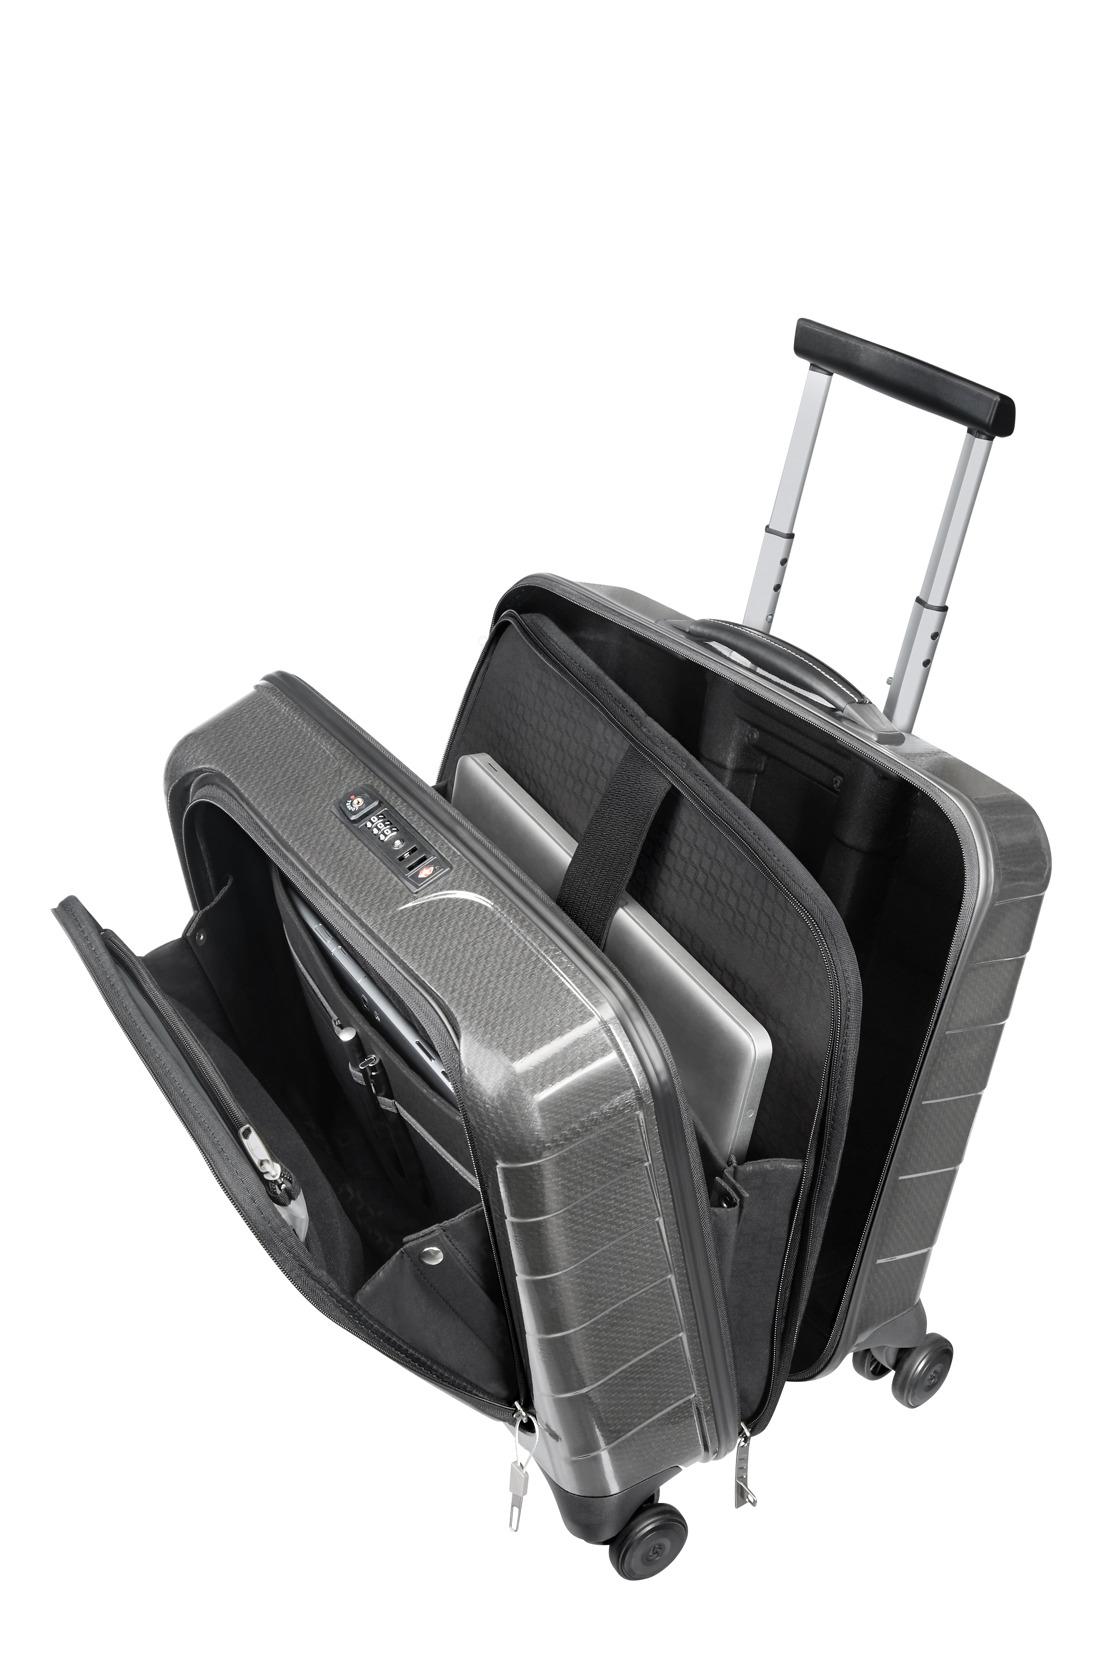 Des bagages astucieux et ultra pratiques pour les hommes/femmes d'affaires